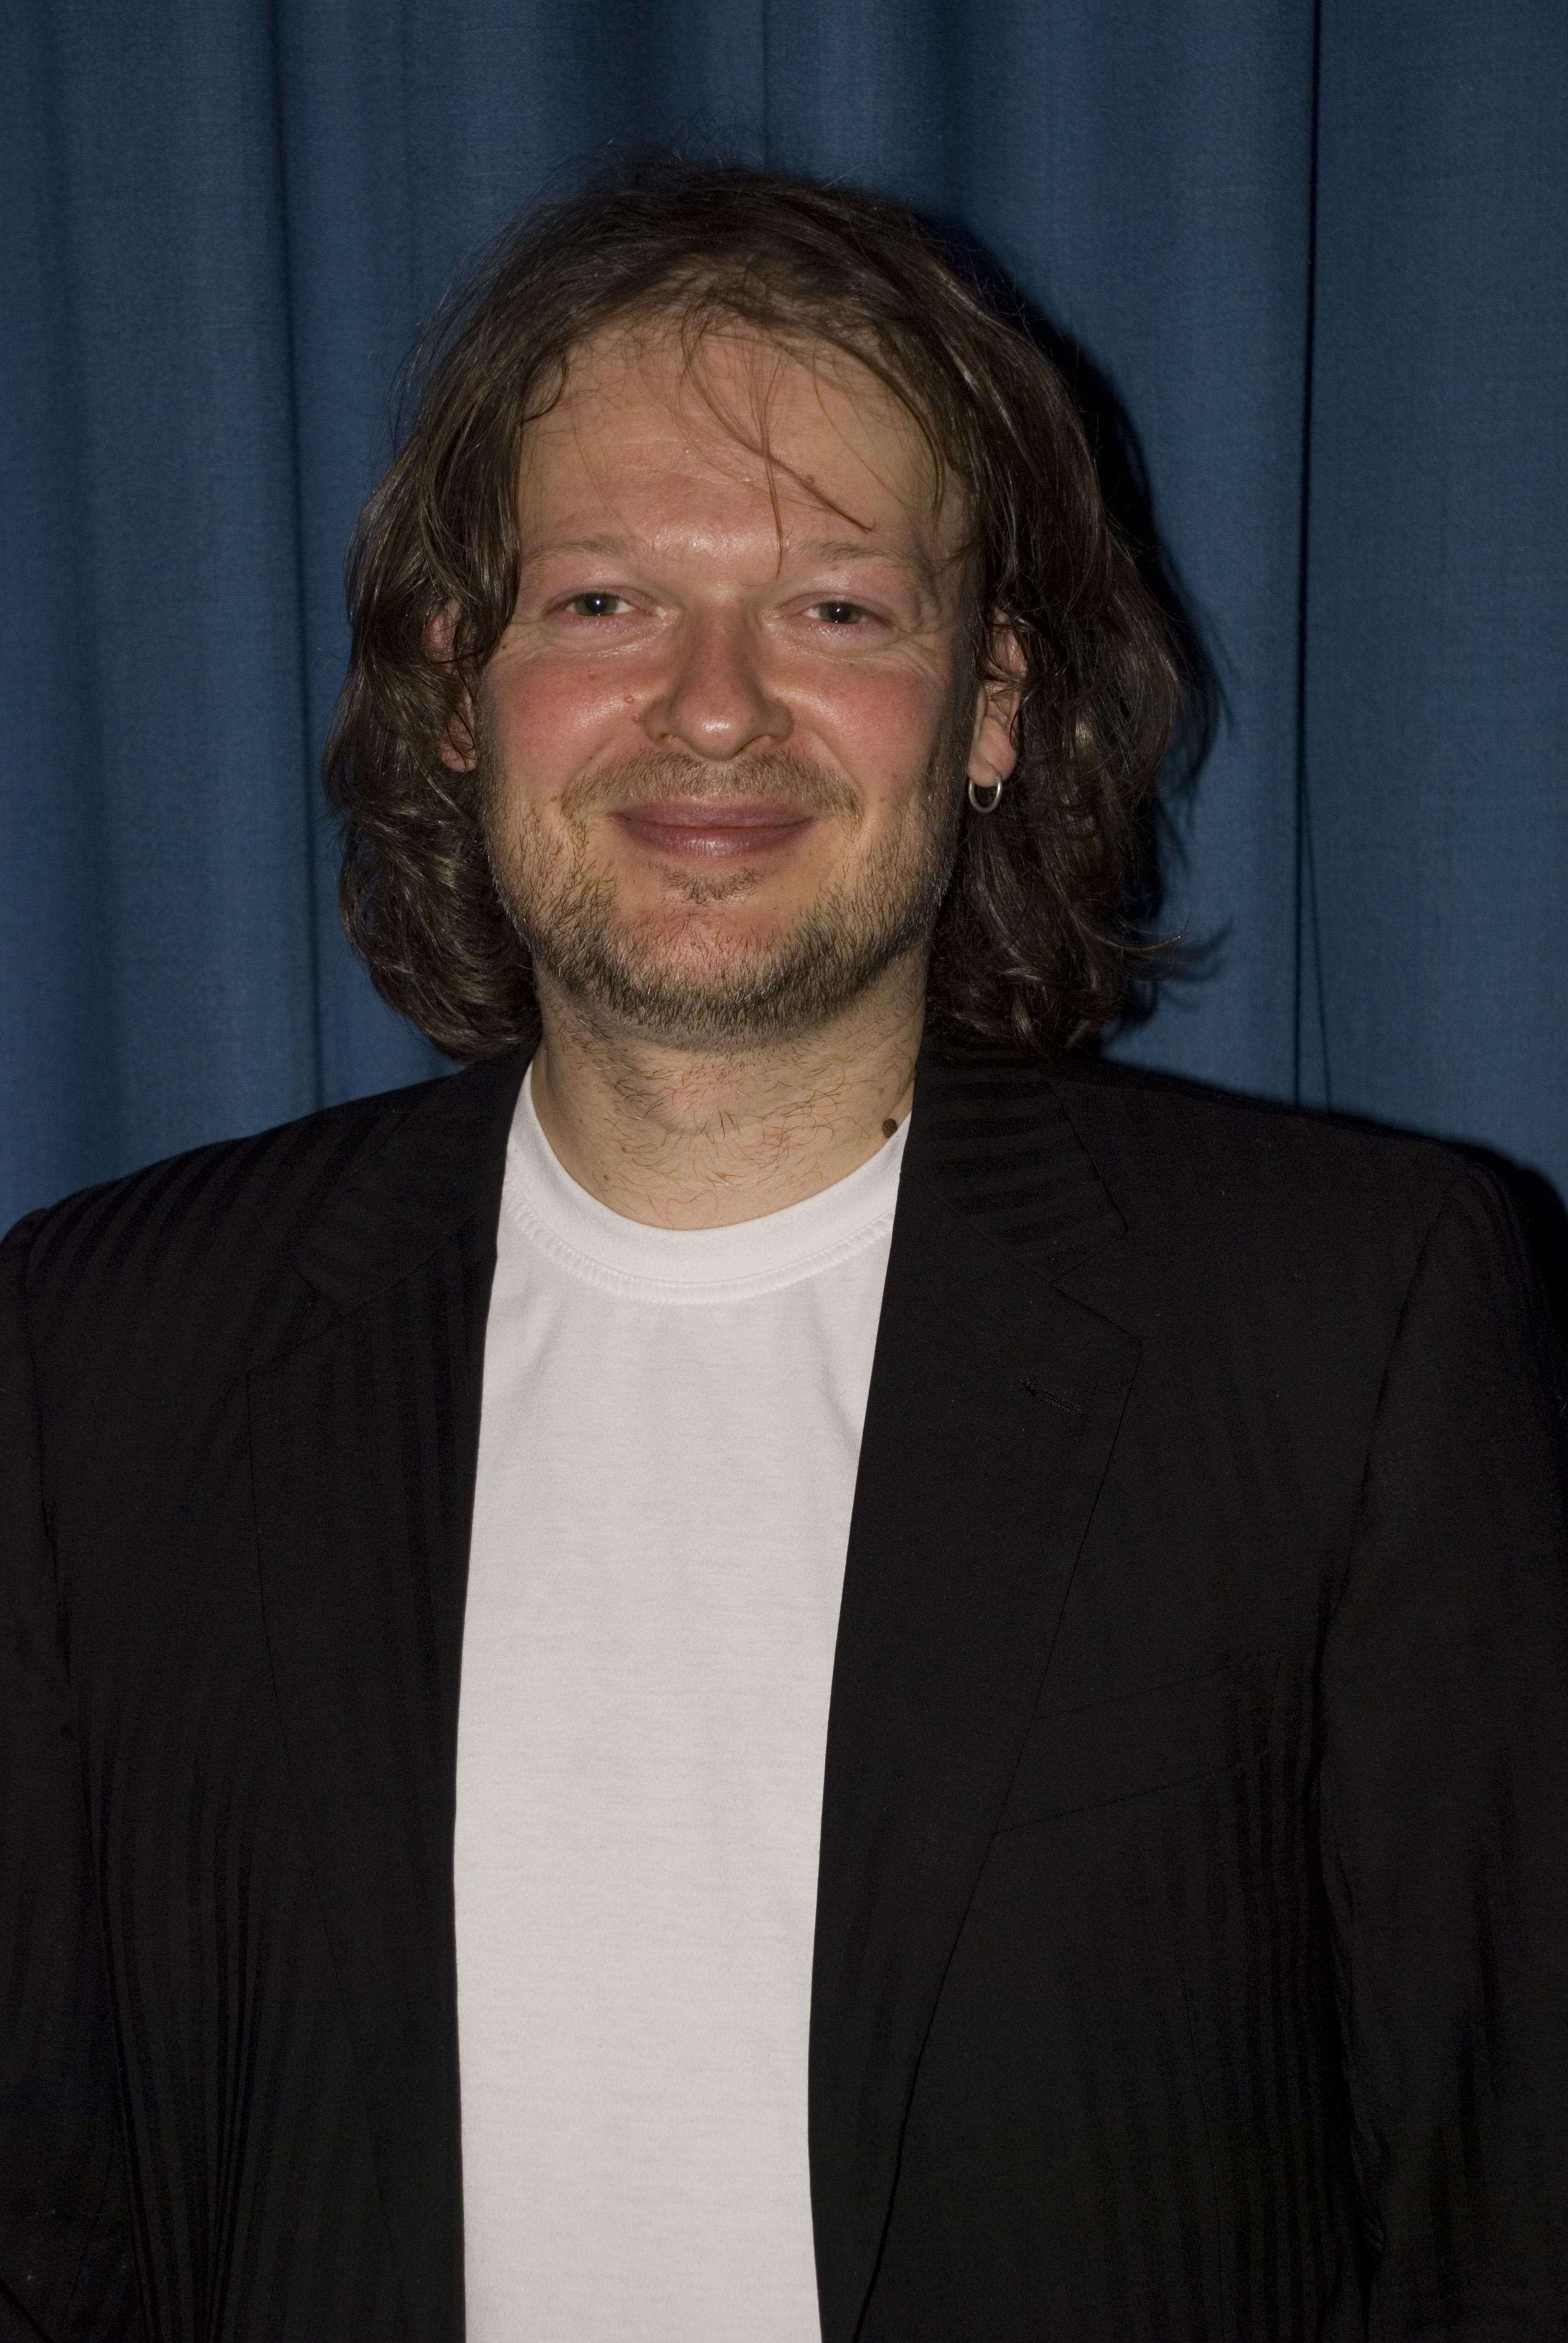 Michael Schmidt Net Worth